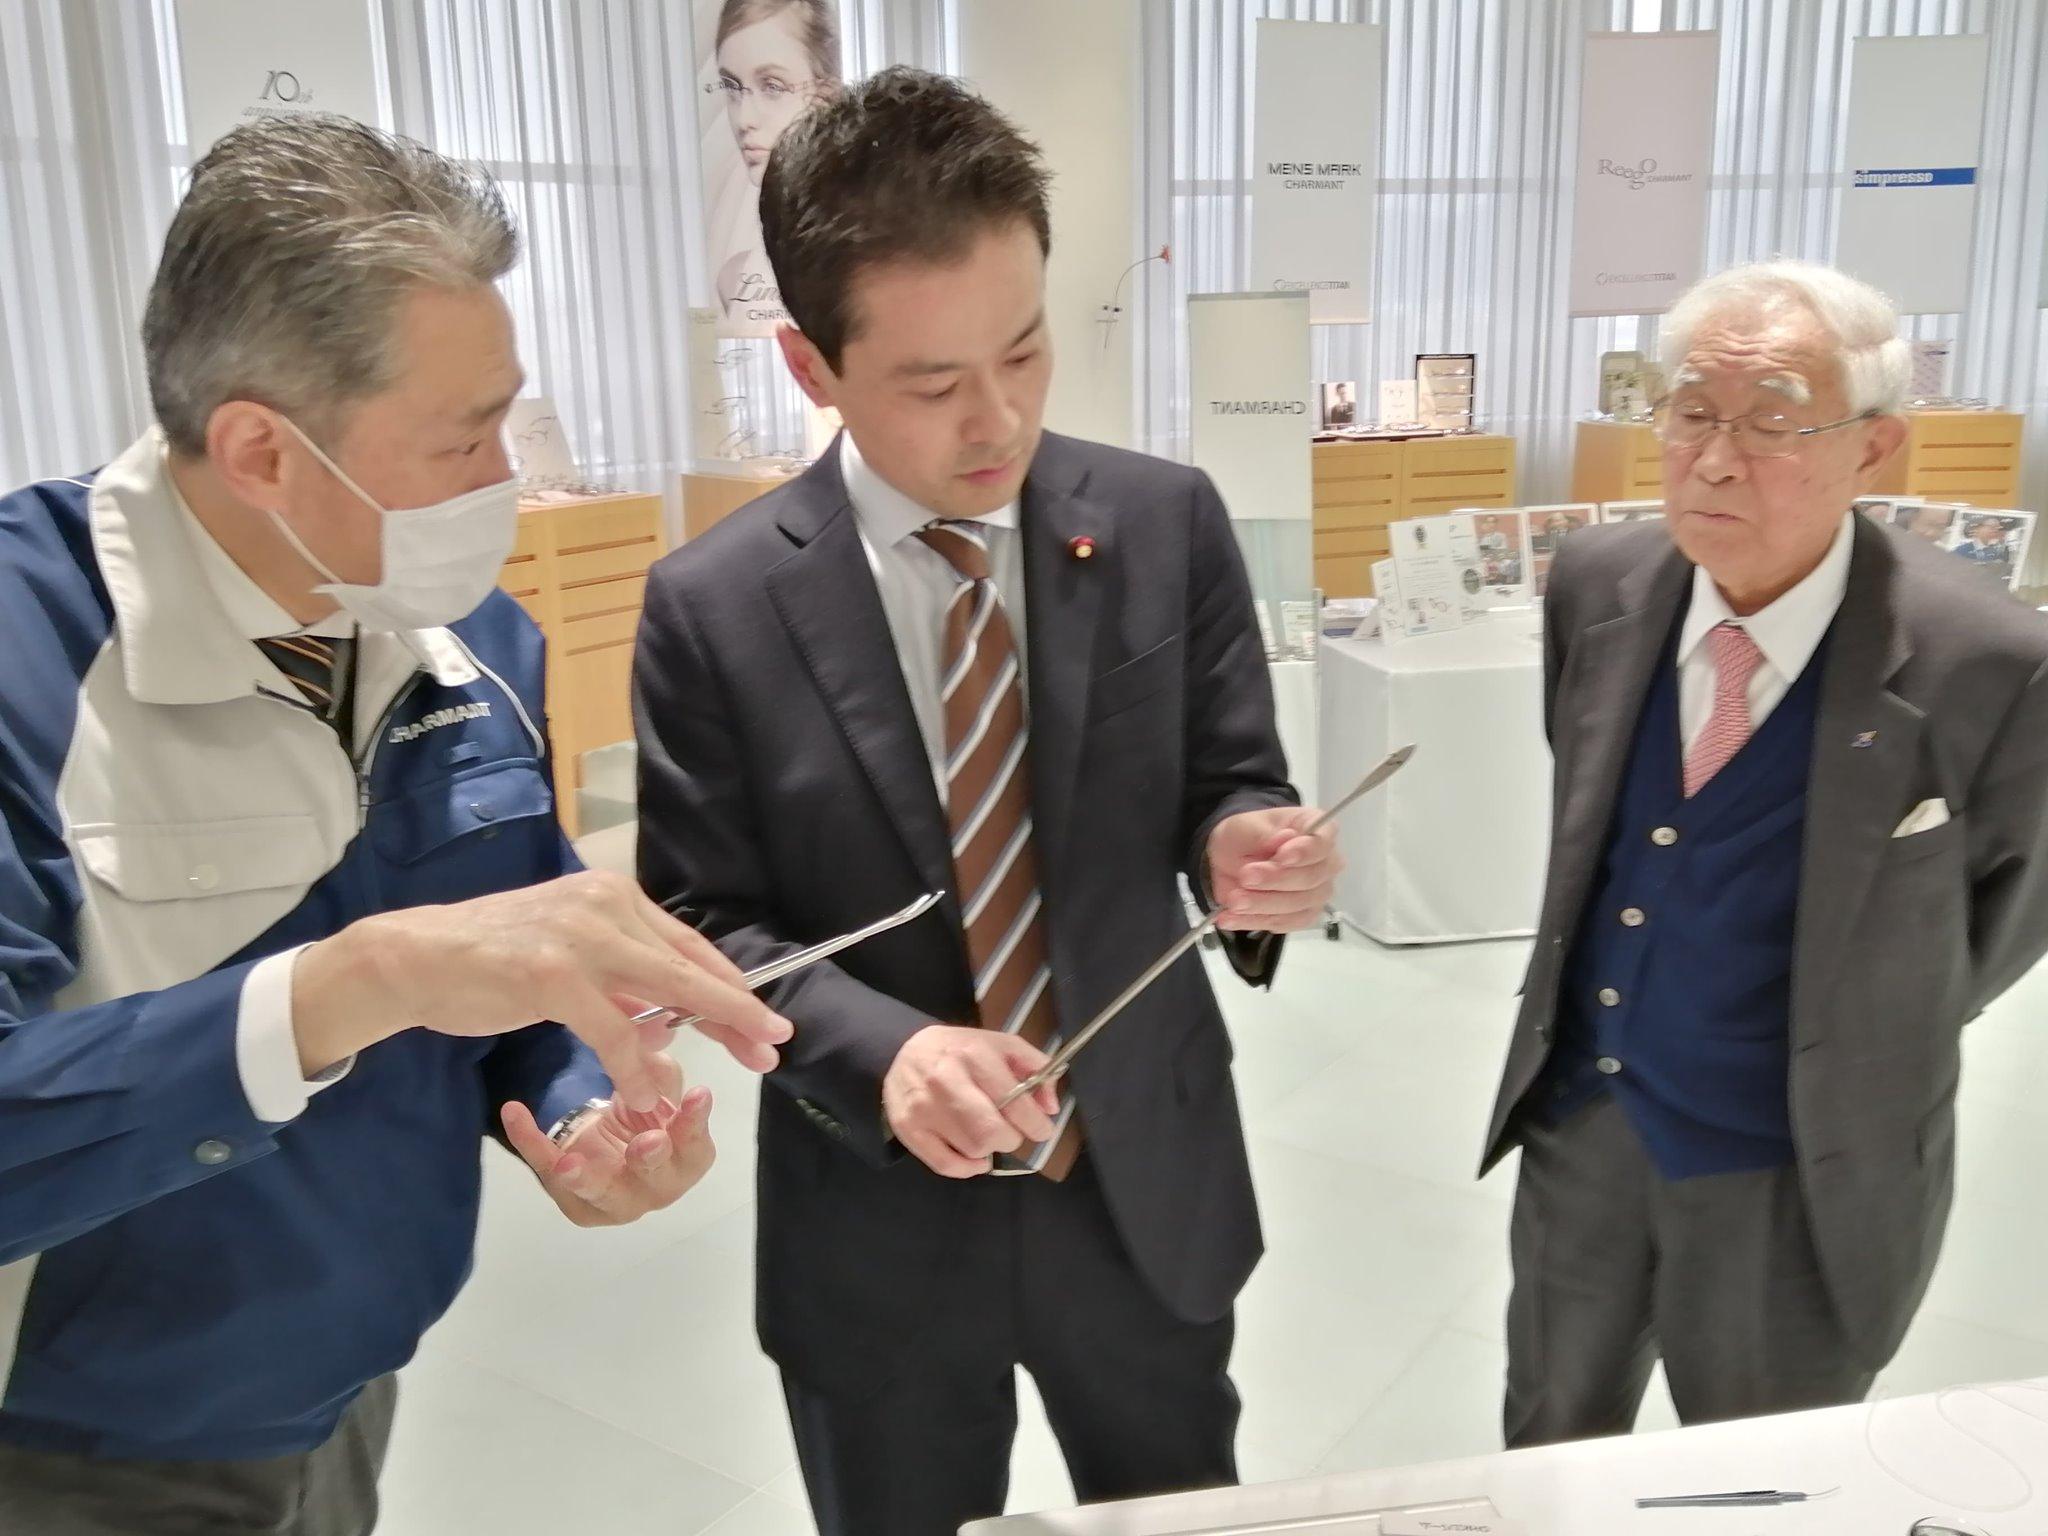 福井のものづくり技術の新たな展開を支援していきます!